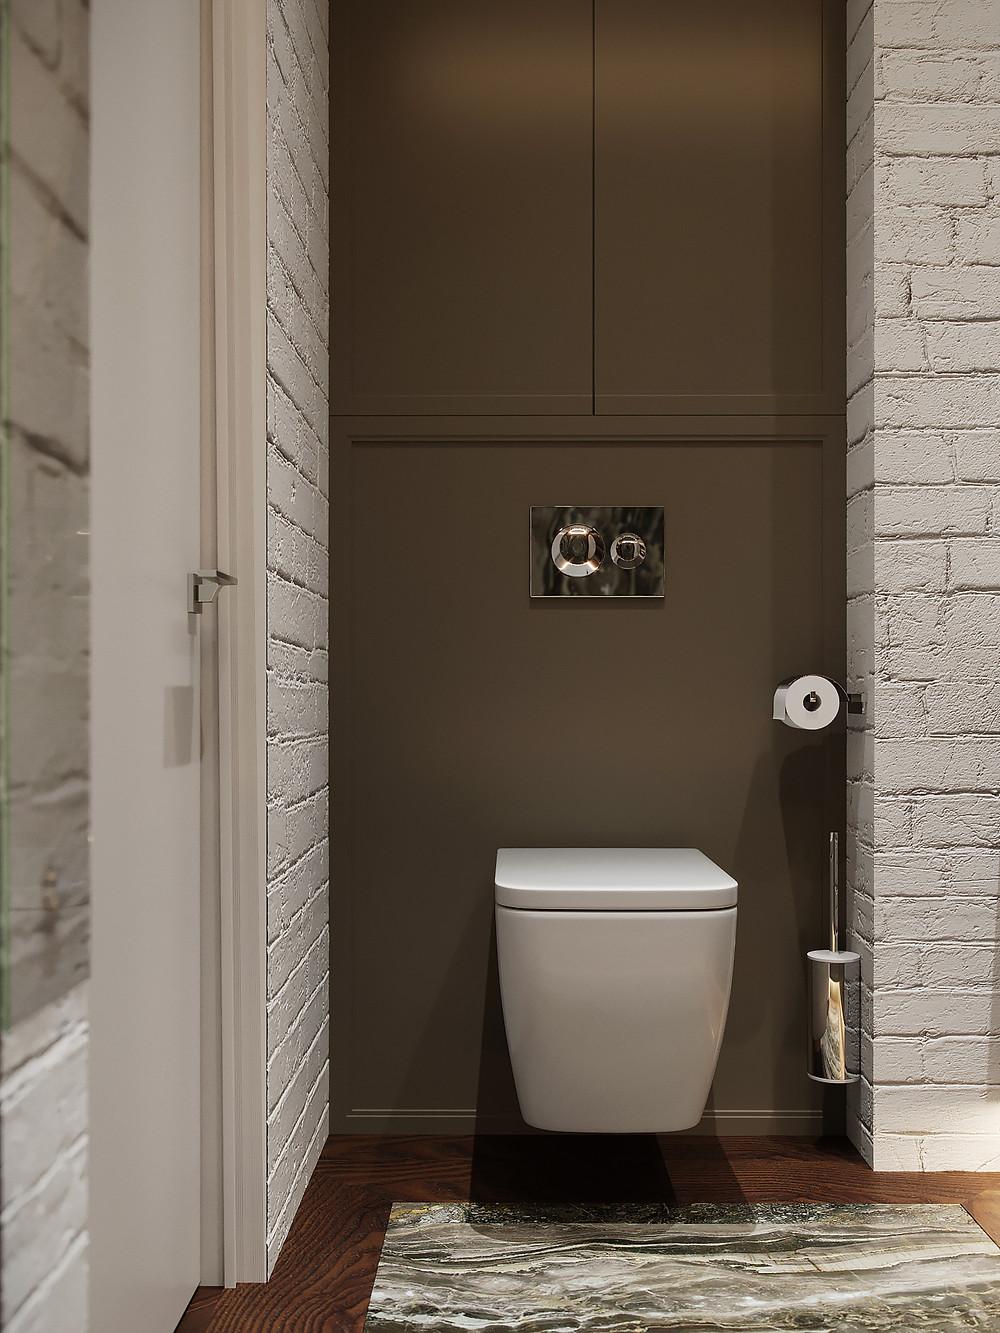 Ремонт сливного бачка в туалете